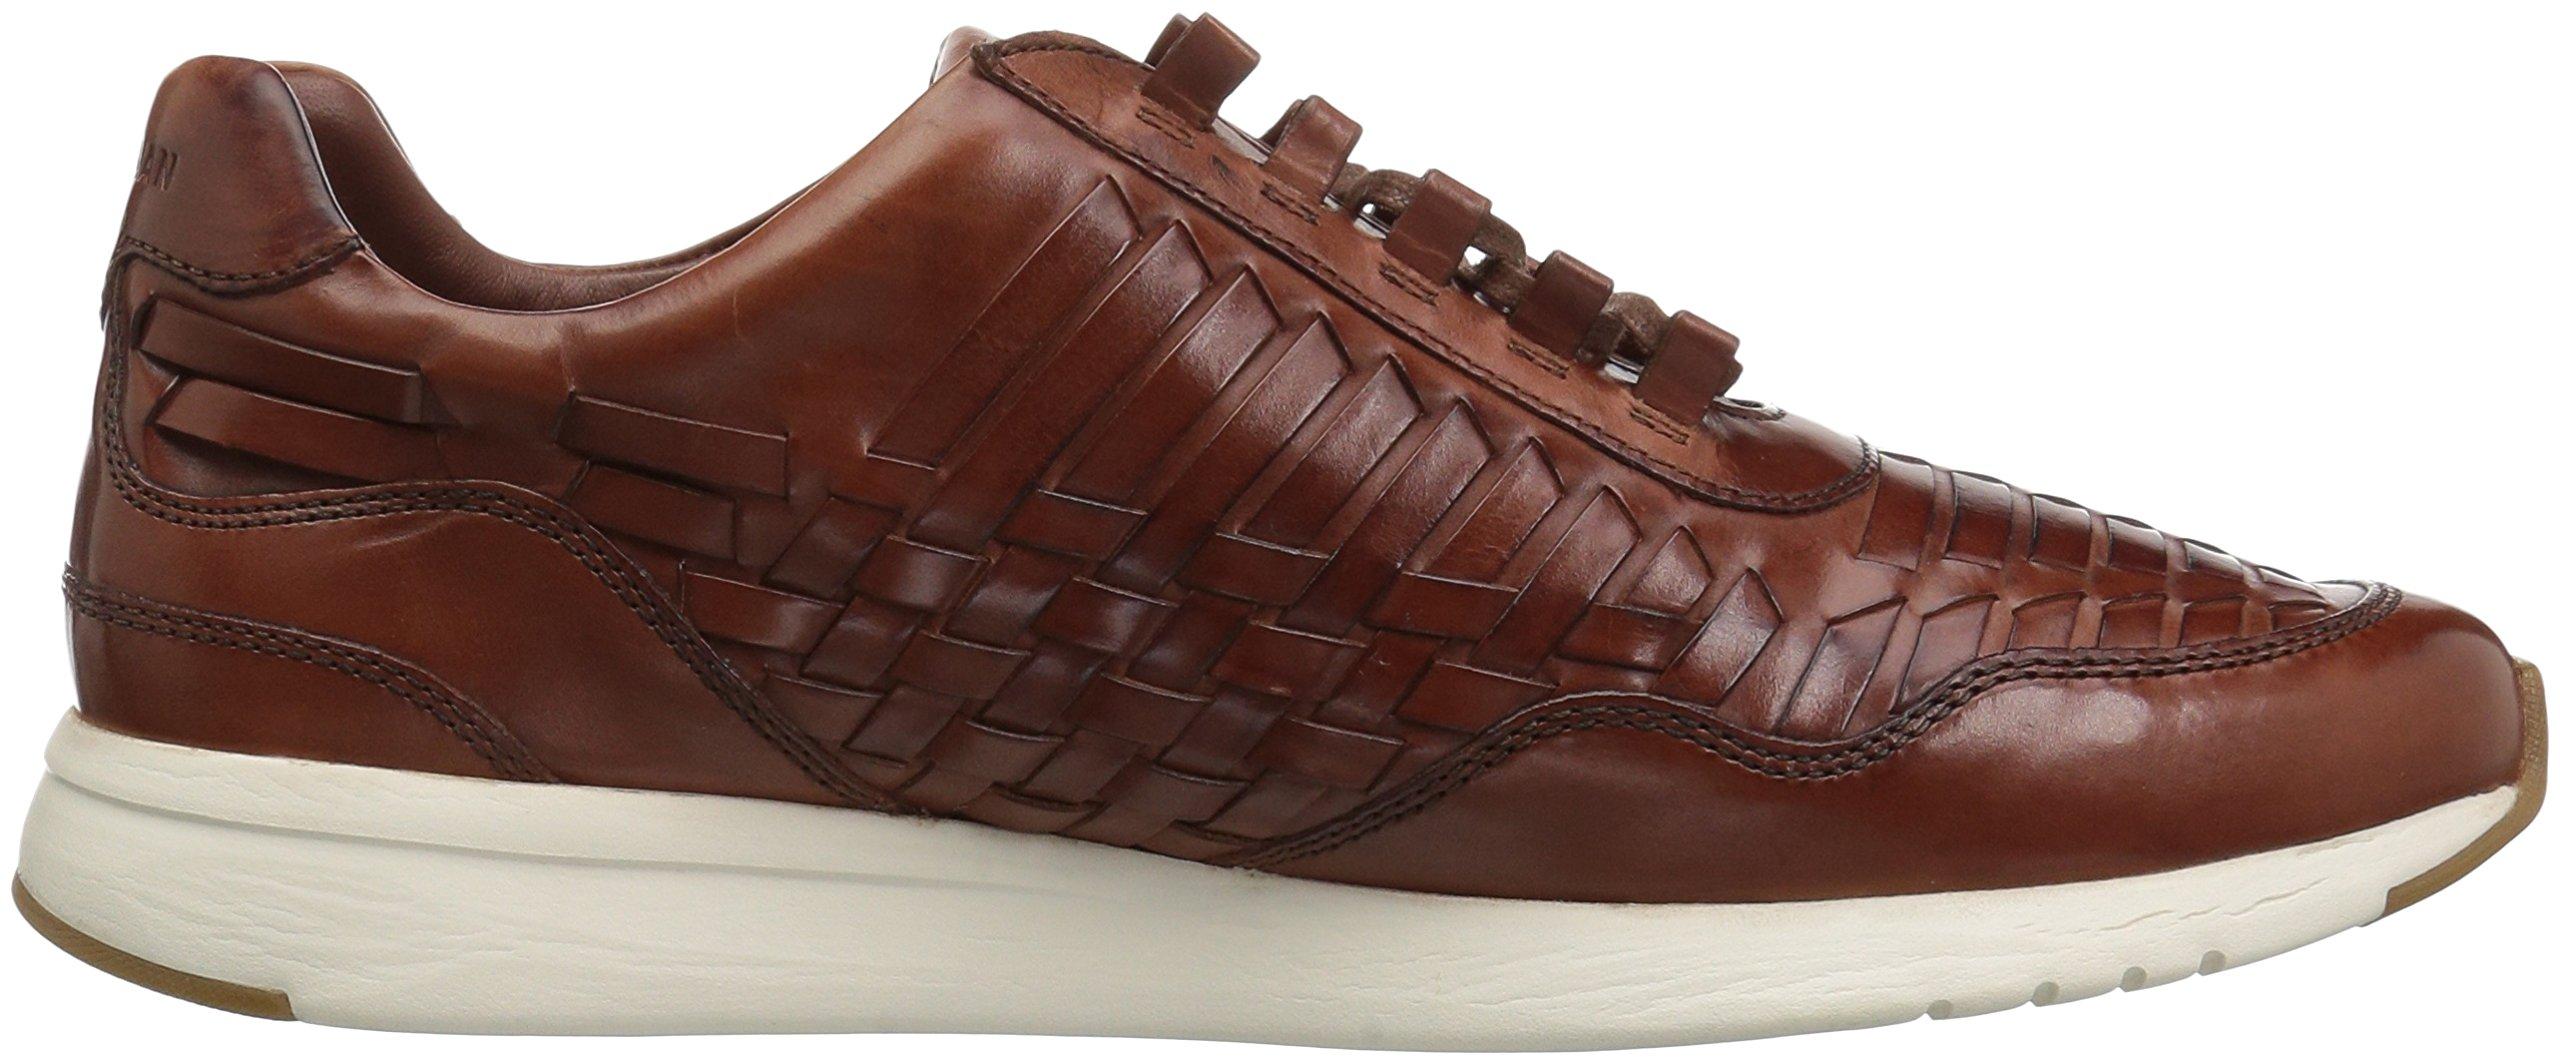 Cole Haan Men's Grandpro Runner Huarache Sneaker, Woodbury Woven Burnish, 12 Medium US by Cole Haan (Image #6)